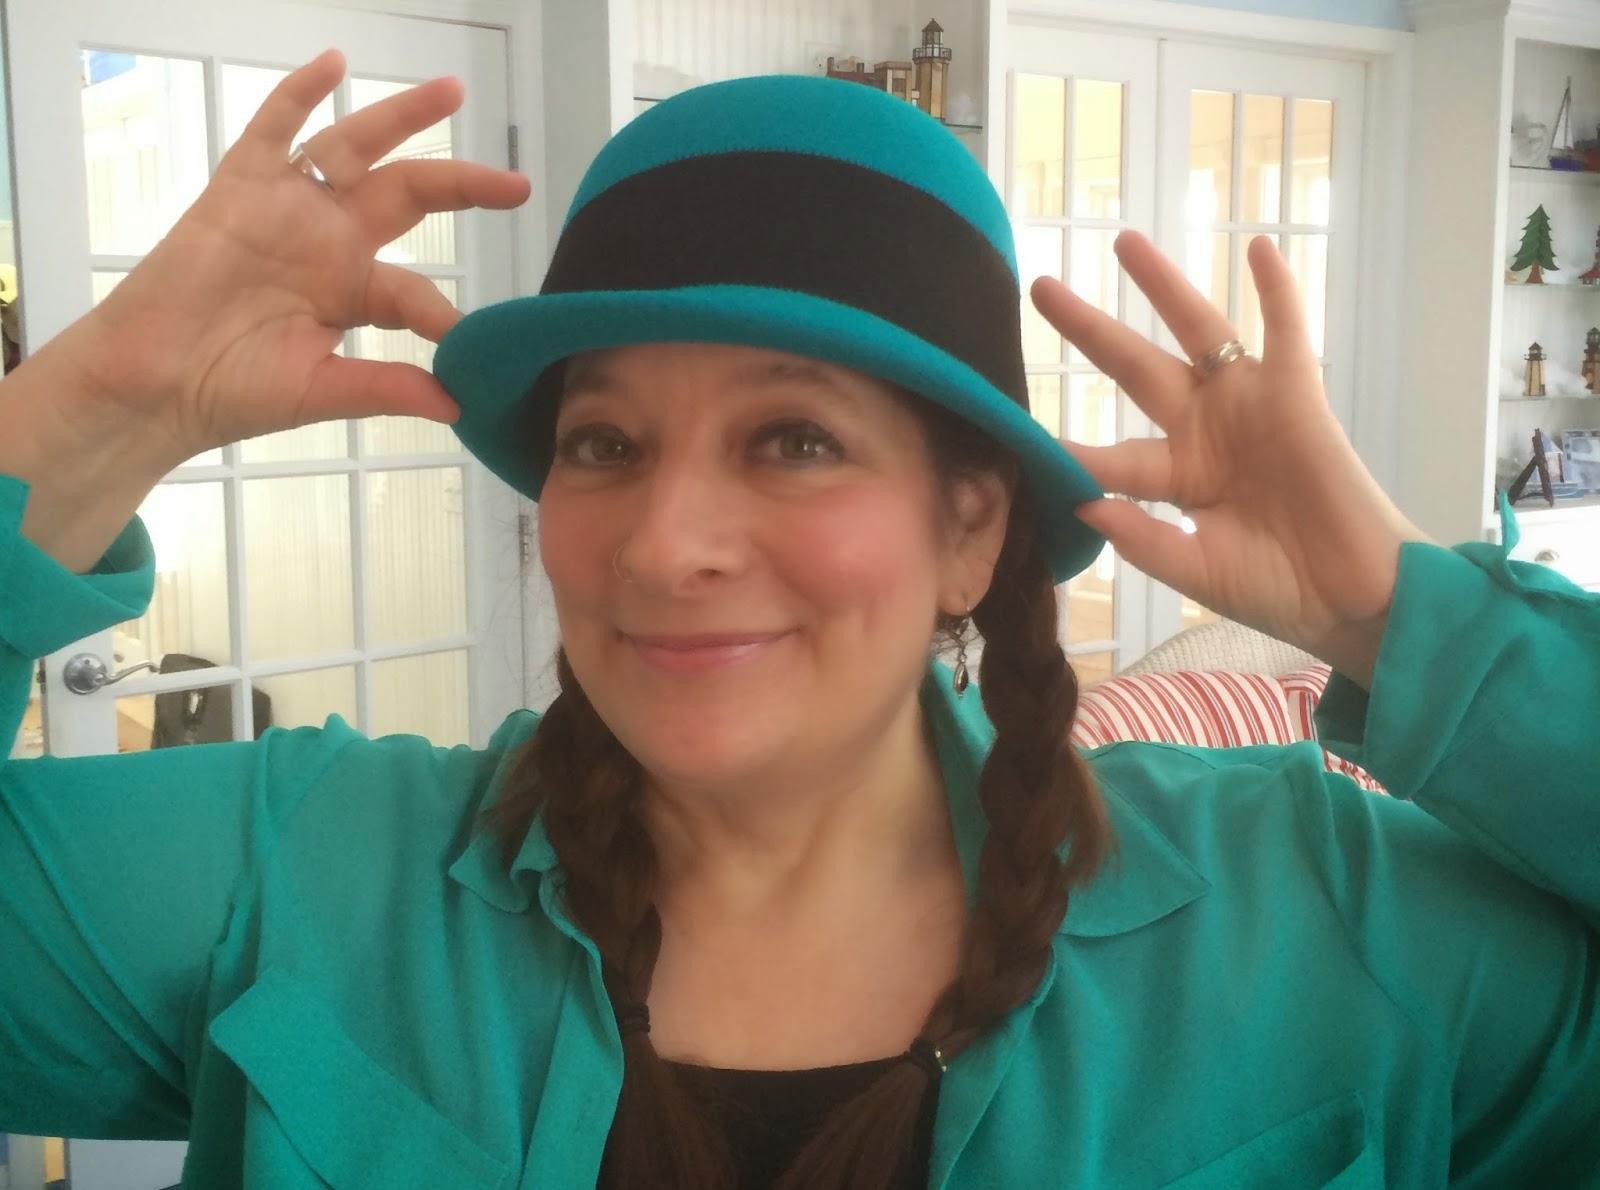 Jamie-Sue%2Bteal%2Bhat%2Blarge.JPG